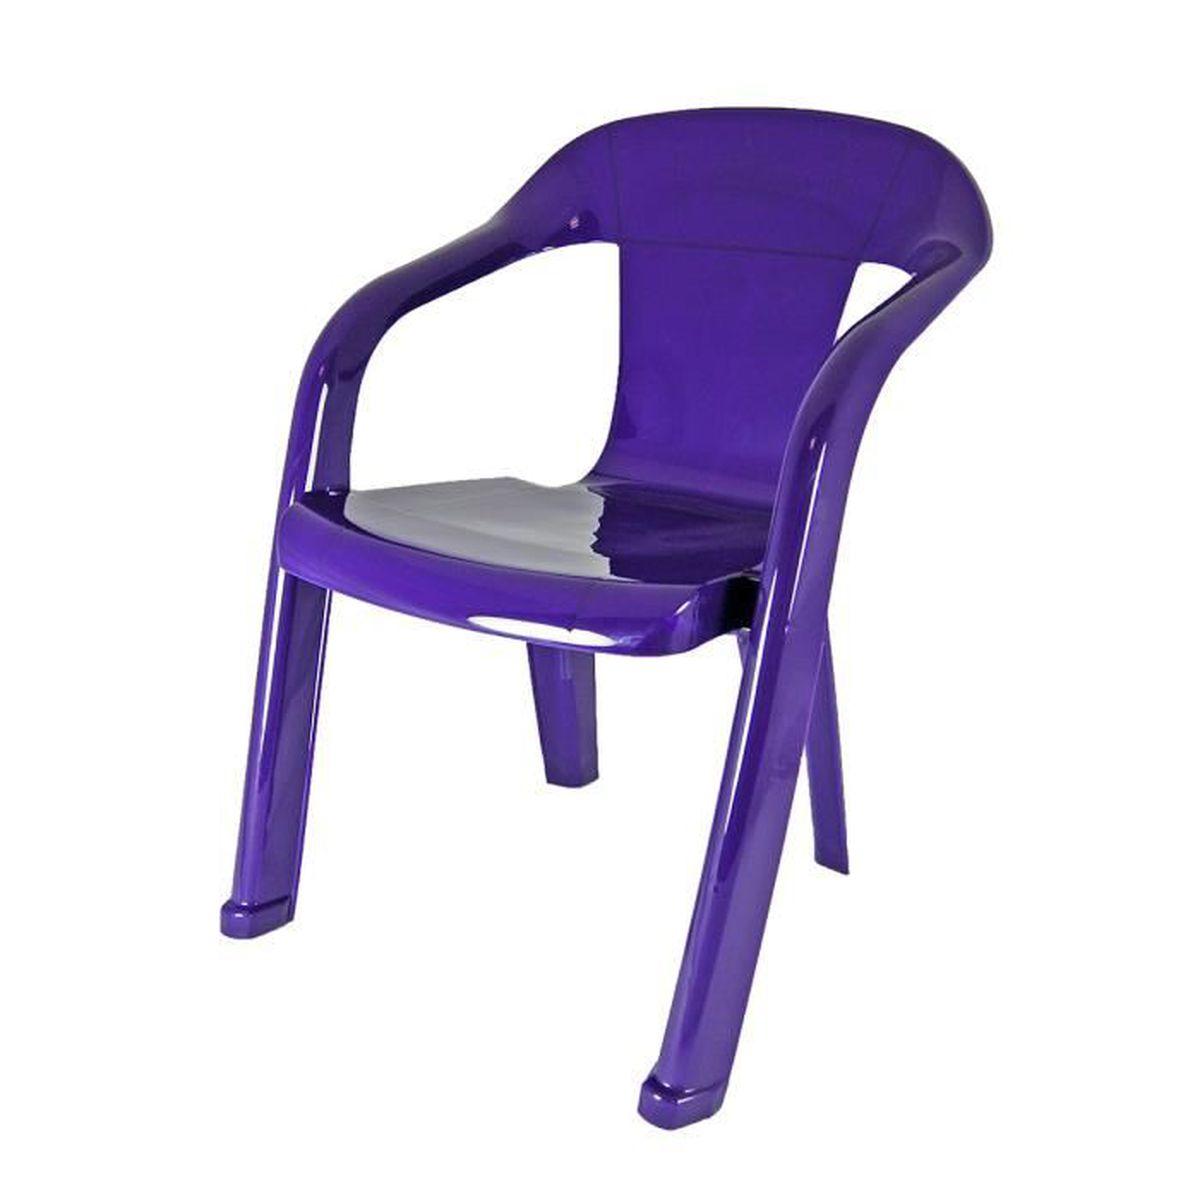 Fauteuil de jardin enfant aubergine achat vente fauteuil jardin fauteuil - Fauteuil de jardin enfant ...